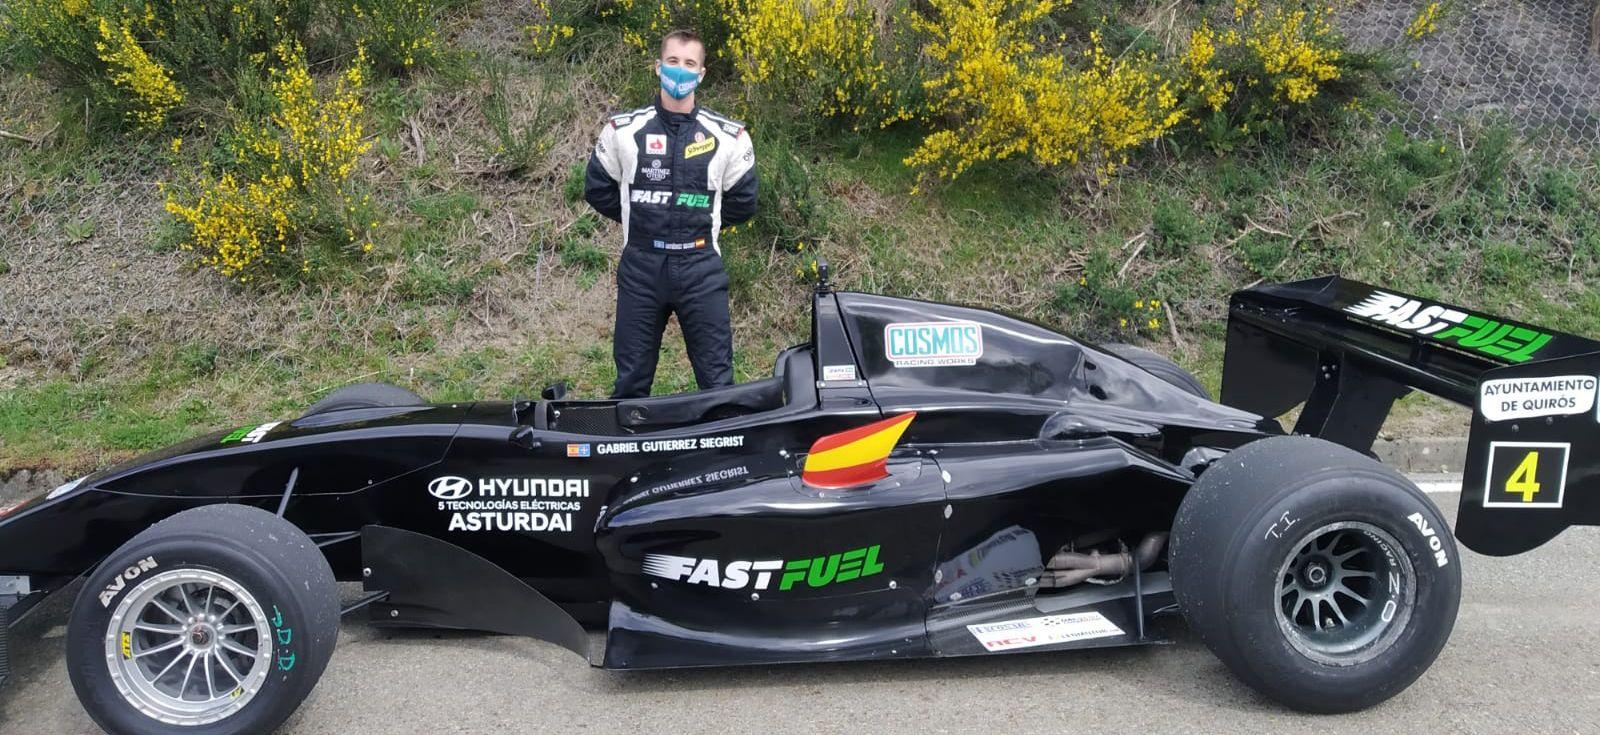 Gabriel Gutierrez Siegrist gana la II Subida a la Cobertoria con un Tattus F-3000 patrocinado por Fast Fuel